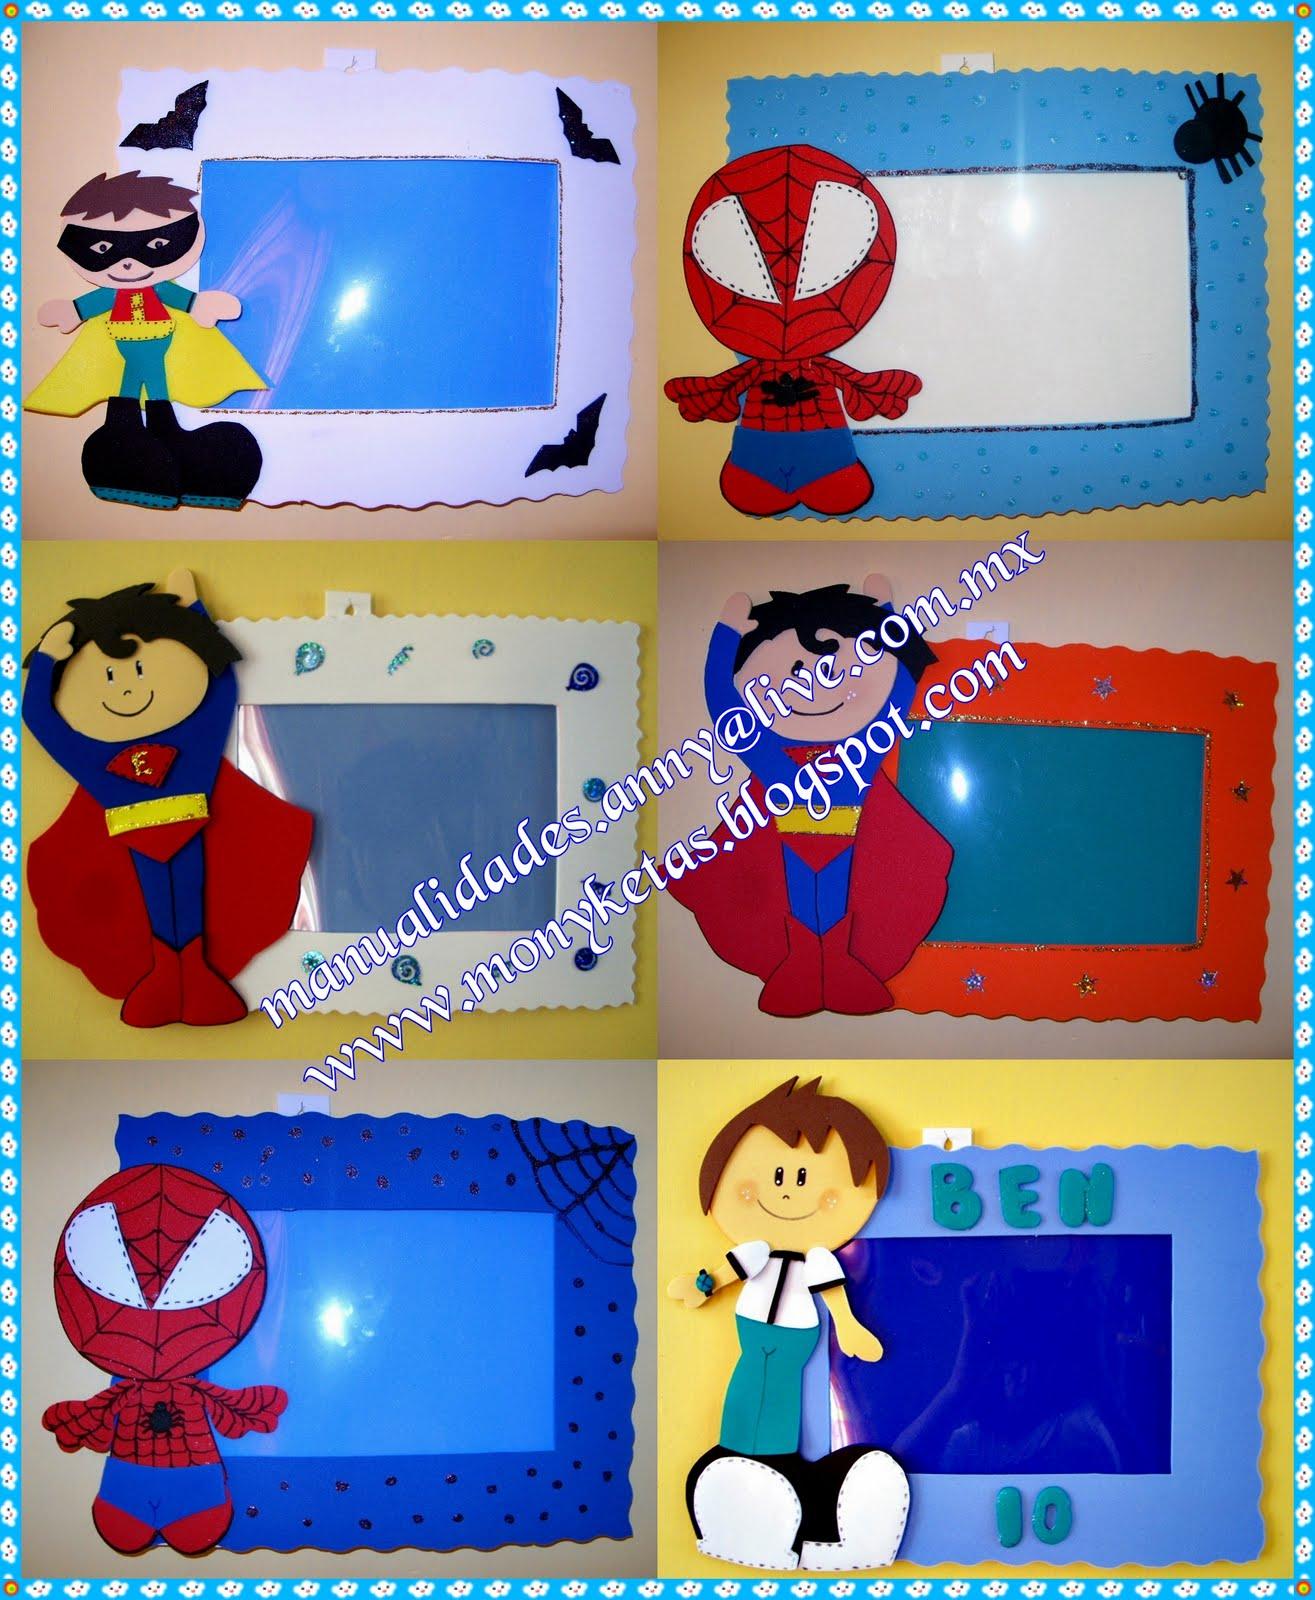 Monyketas fofuchas dulceros y algo mas mayo 2010 - Marcos de fotos manualidades ...